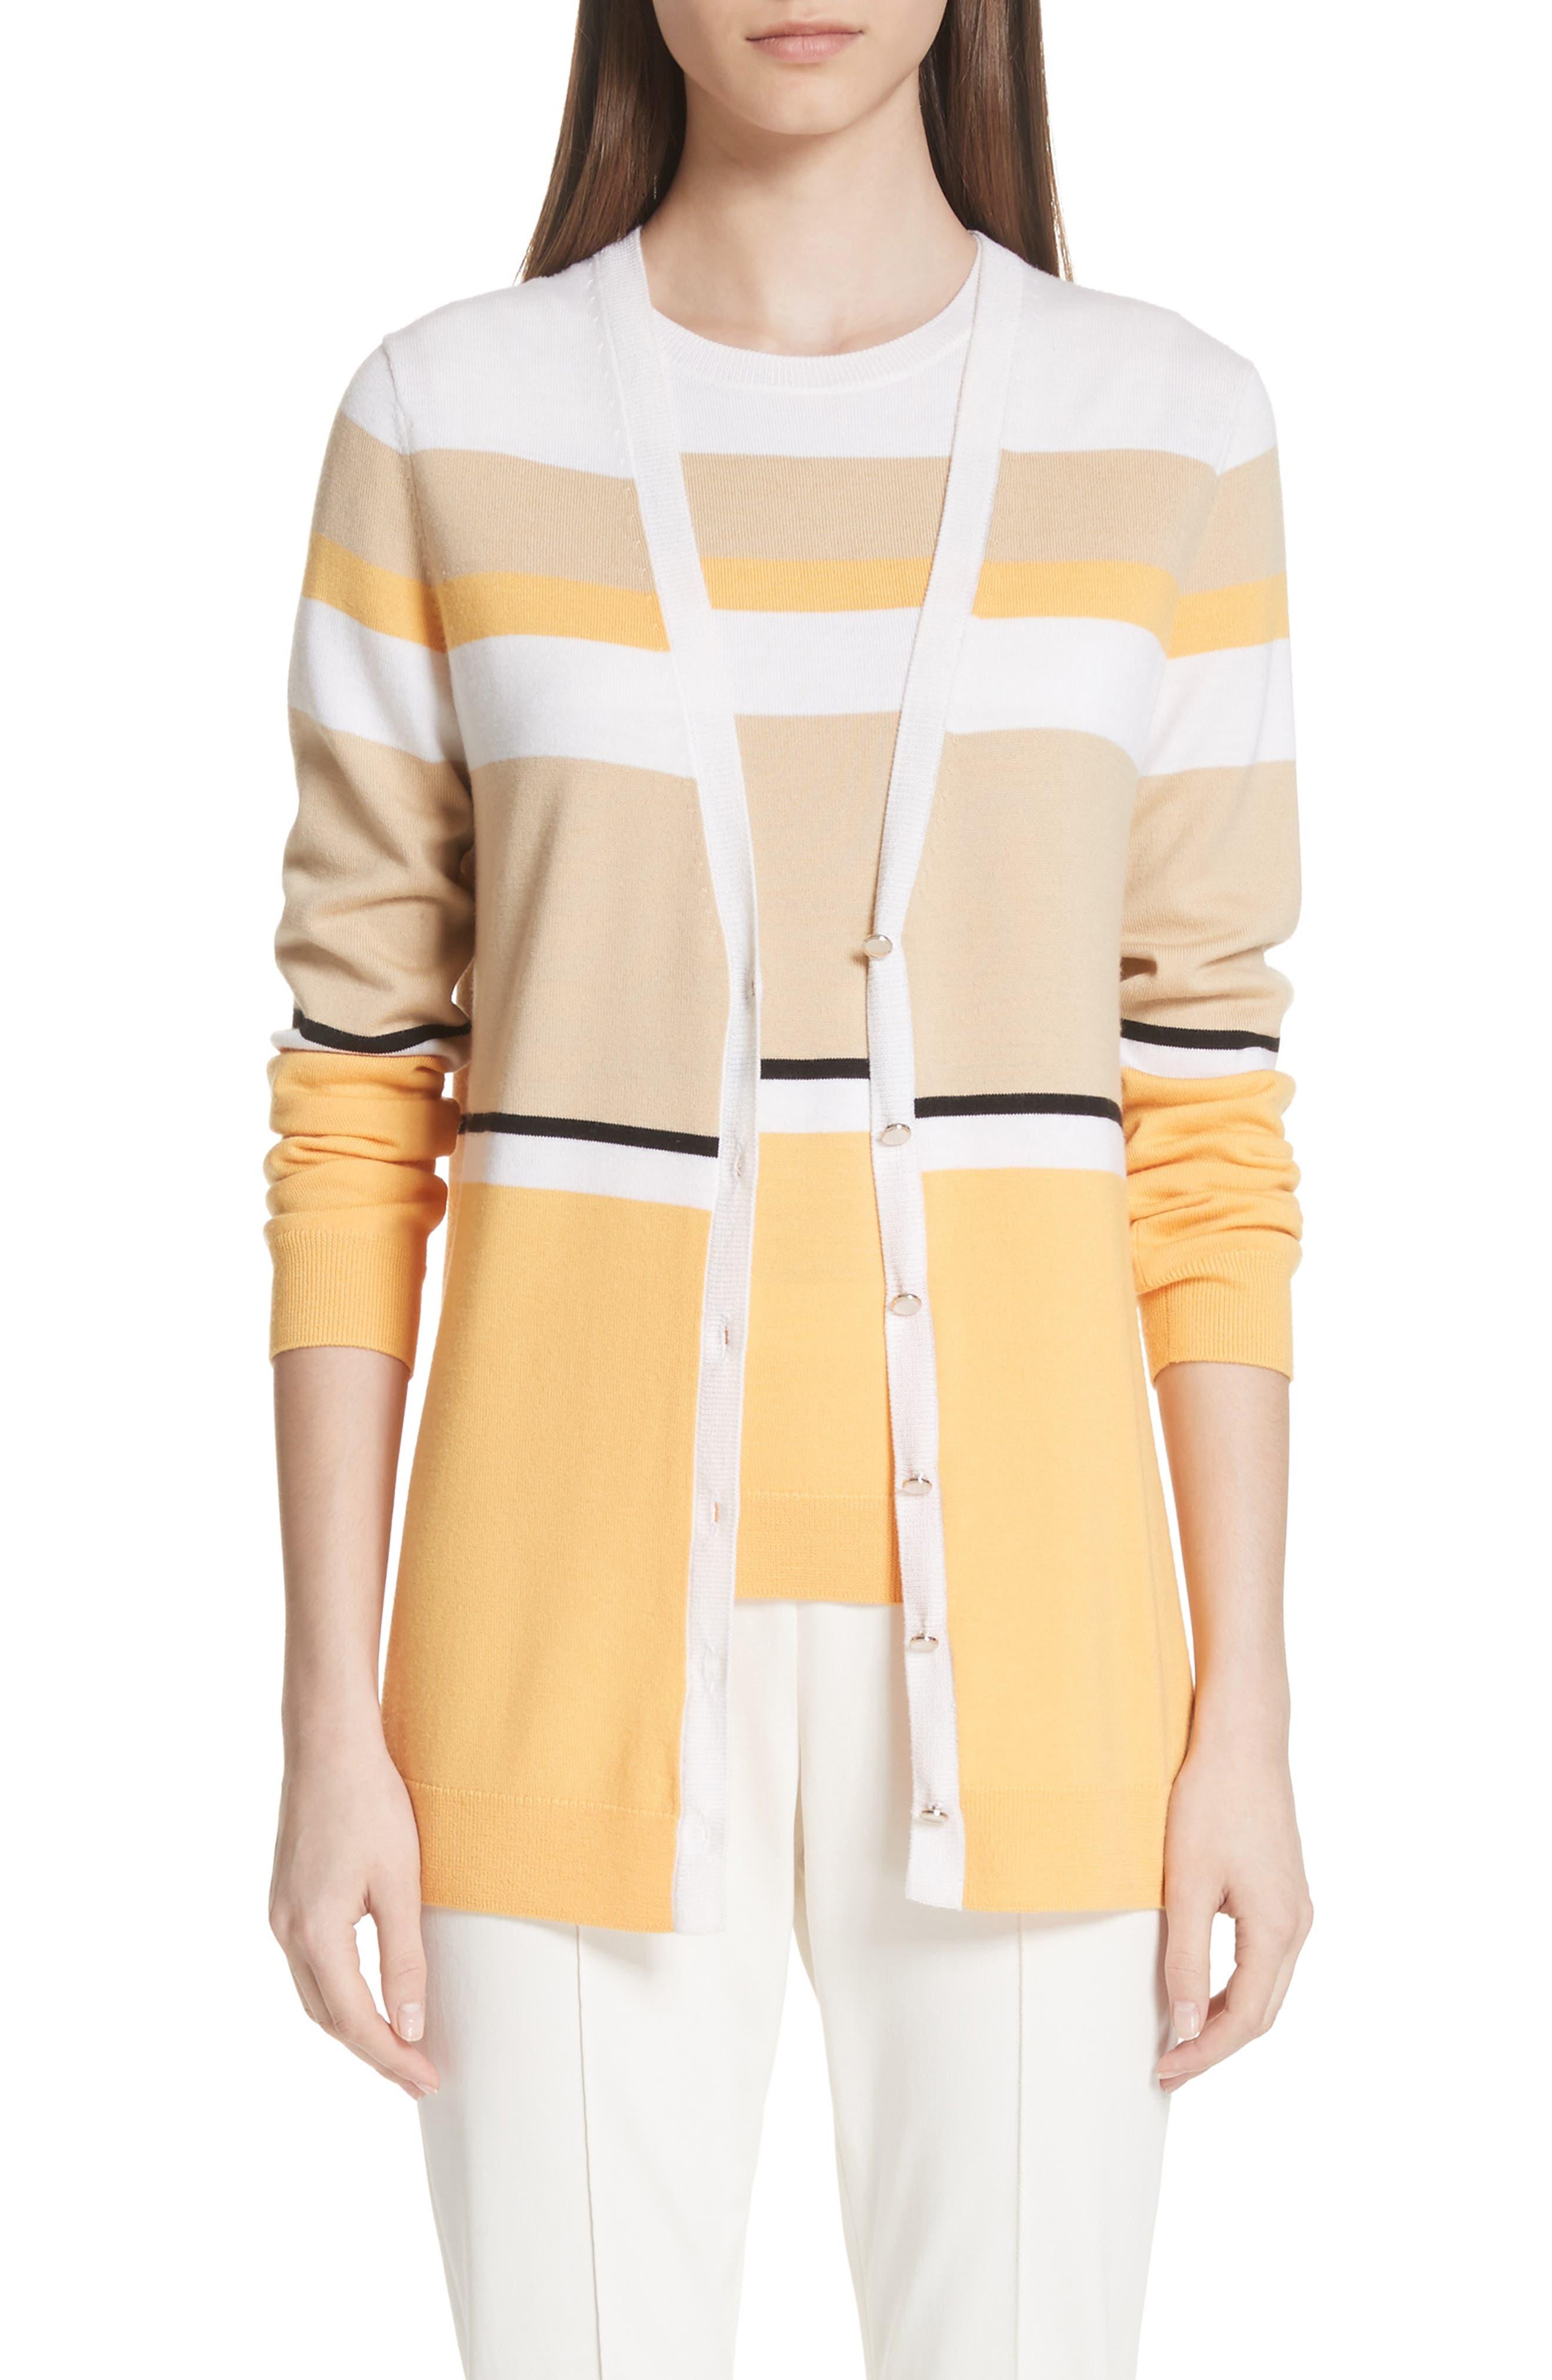 Stripe Jersey Knit Cardigan,                             Main thumbnail 1, color,                             WHITE MULTI